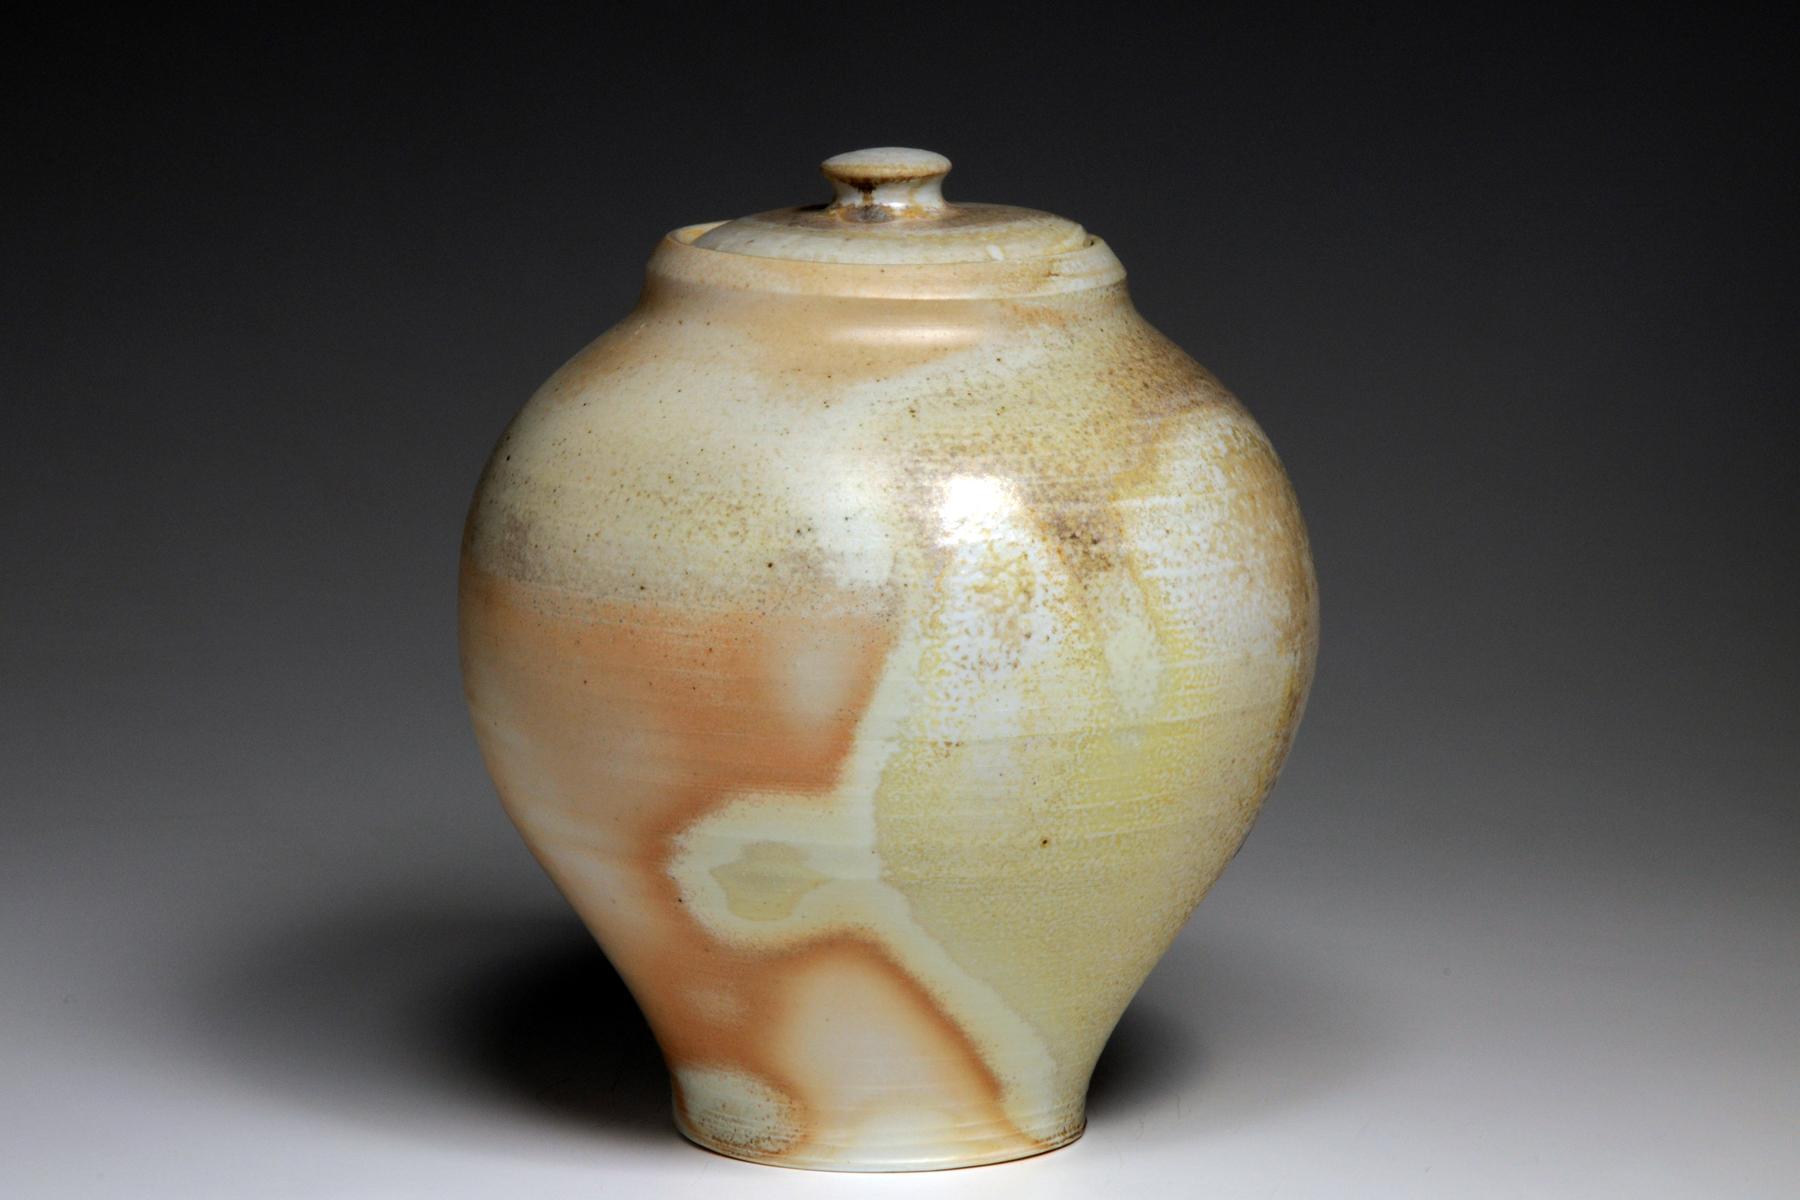 Woodfired porcelain lidded Jar.